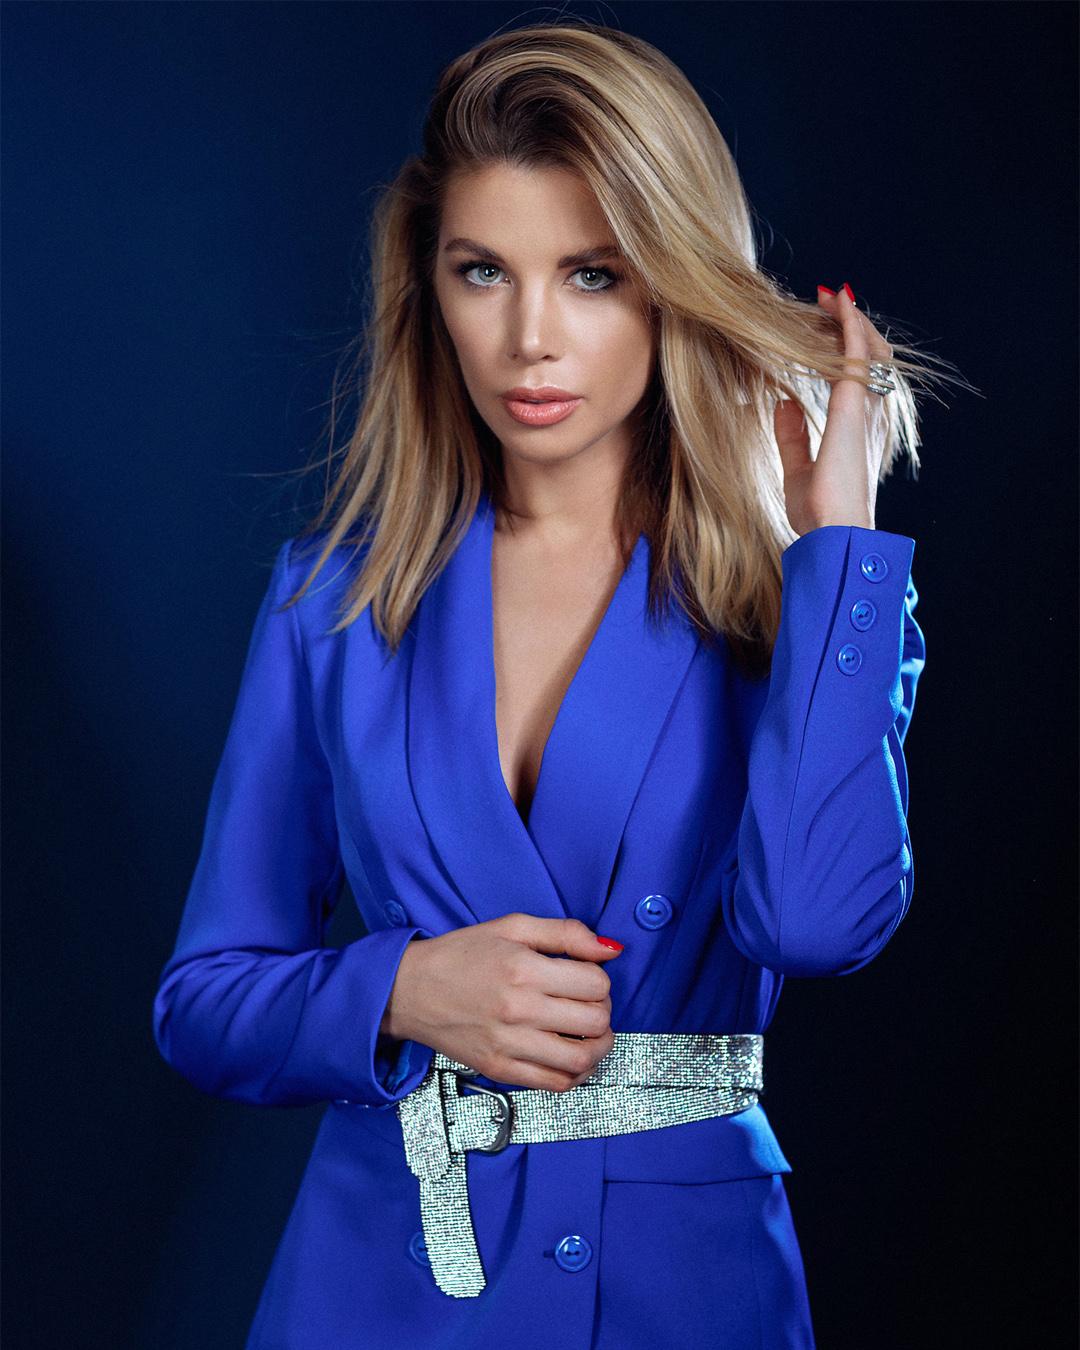 Анастасия Оделс стилист